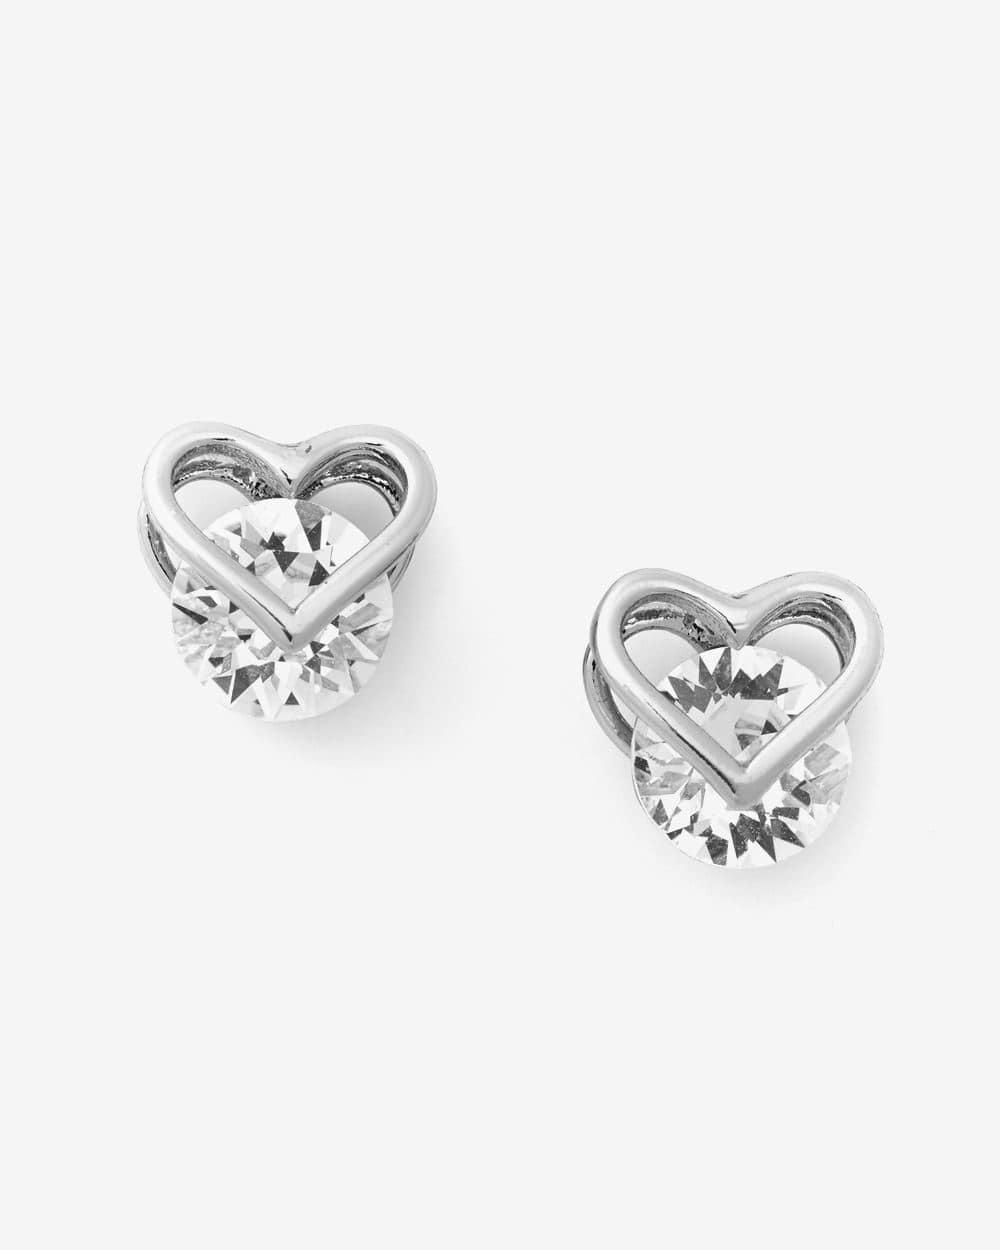 Boutons d'oreilles ornés de cristaux Swarovski®